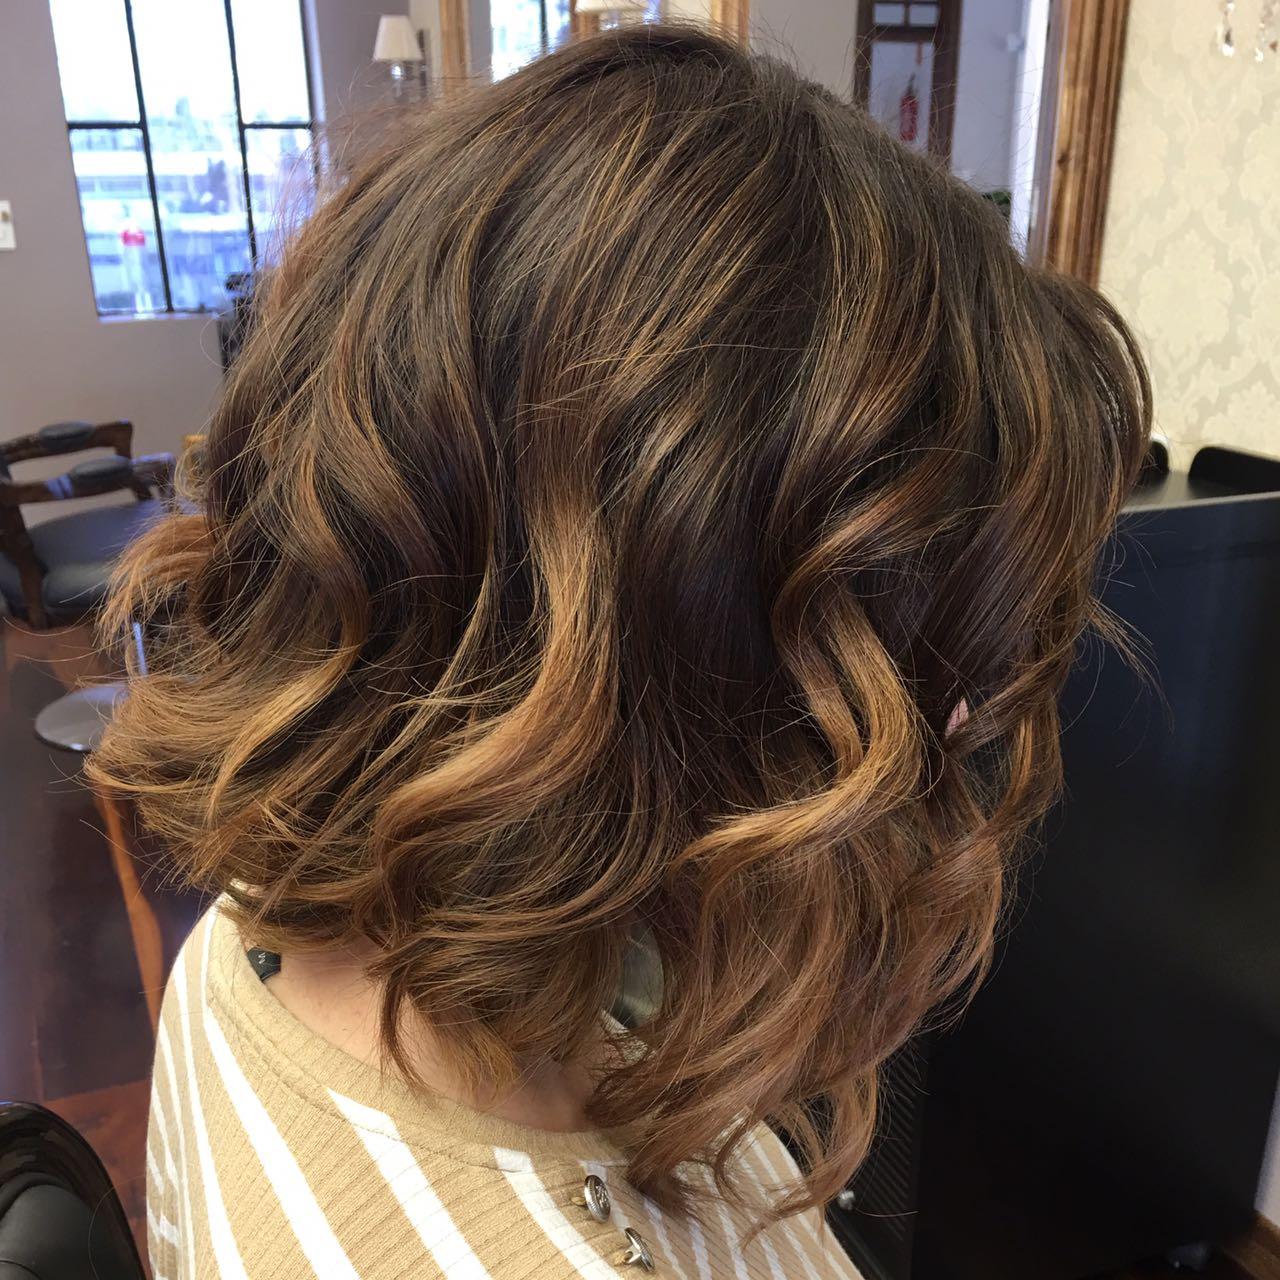 penteado15